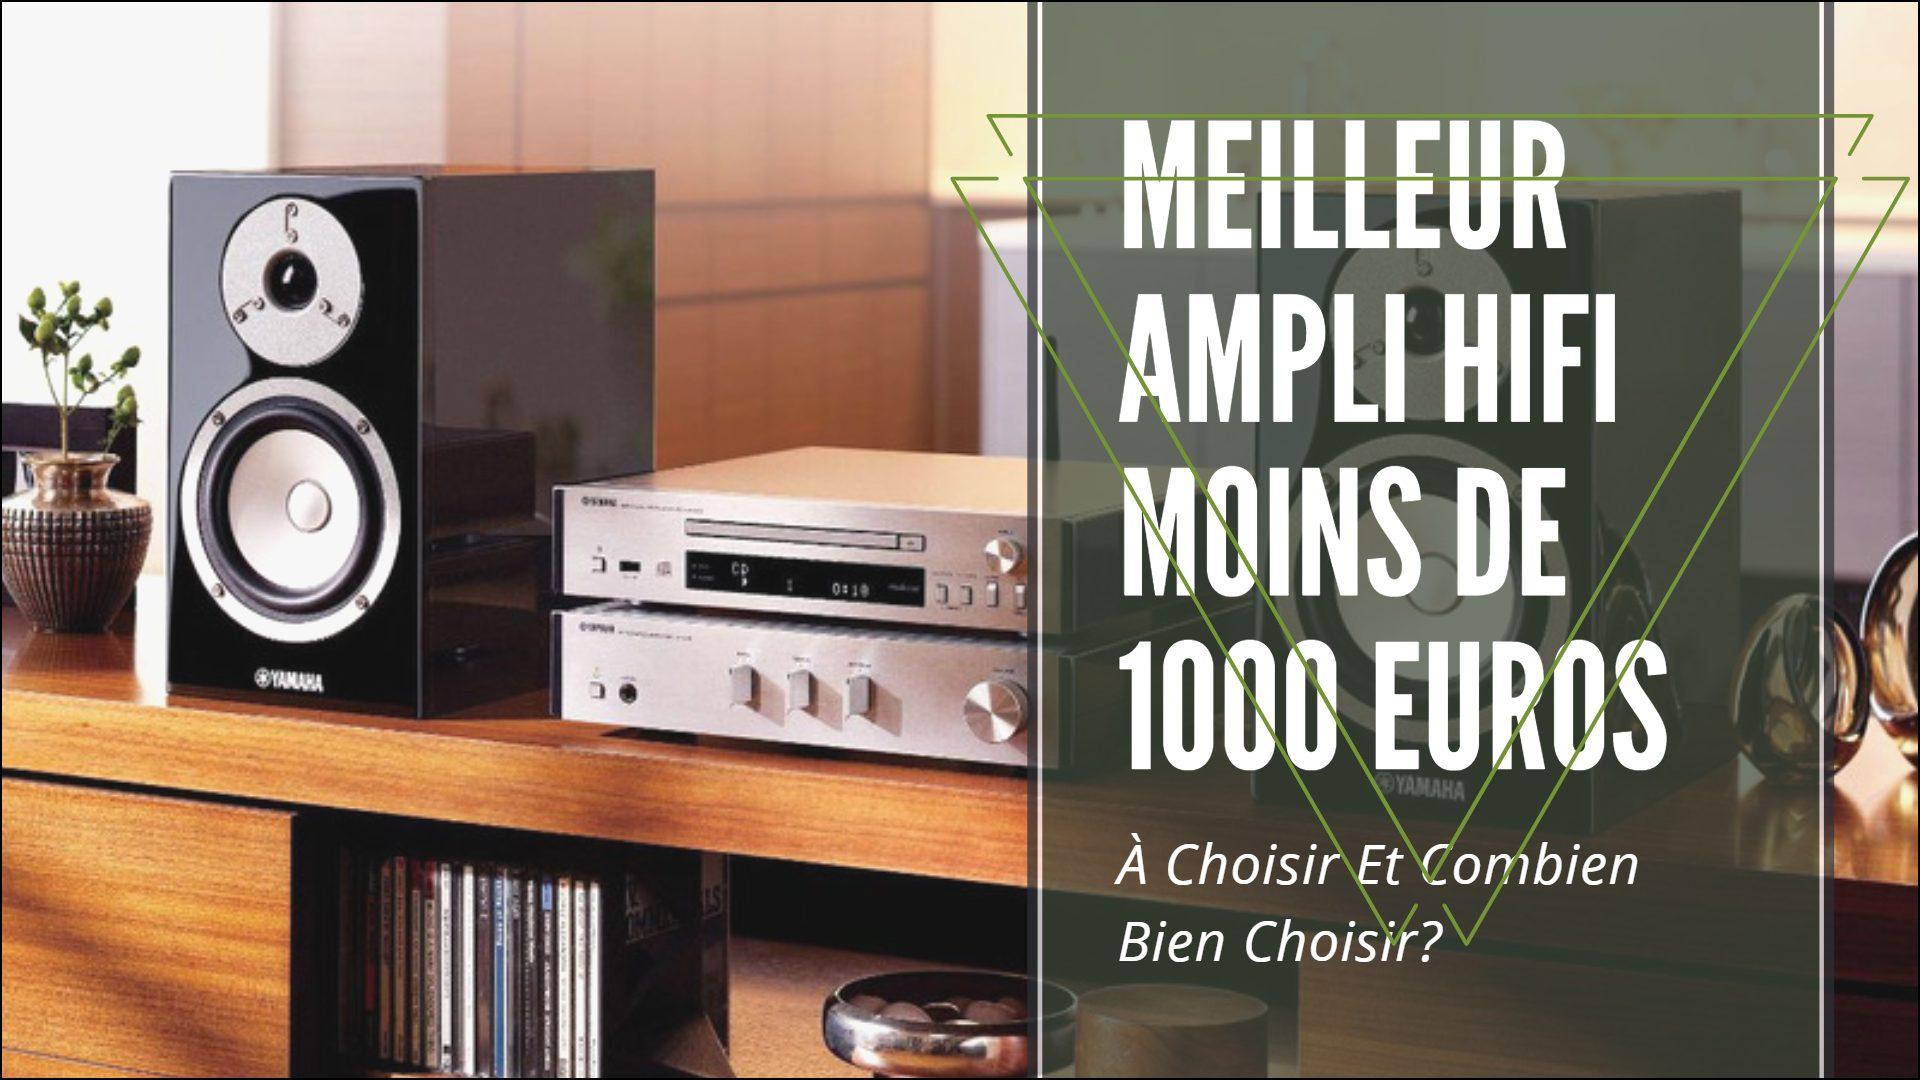 Meilleur Ampli Hifi Moins De 1000 Euros